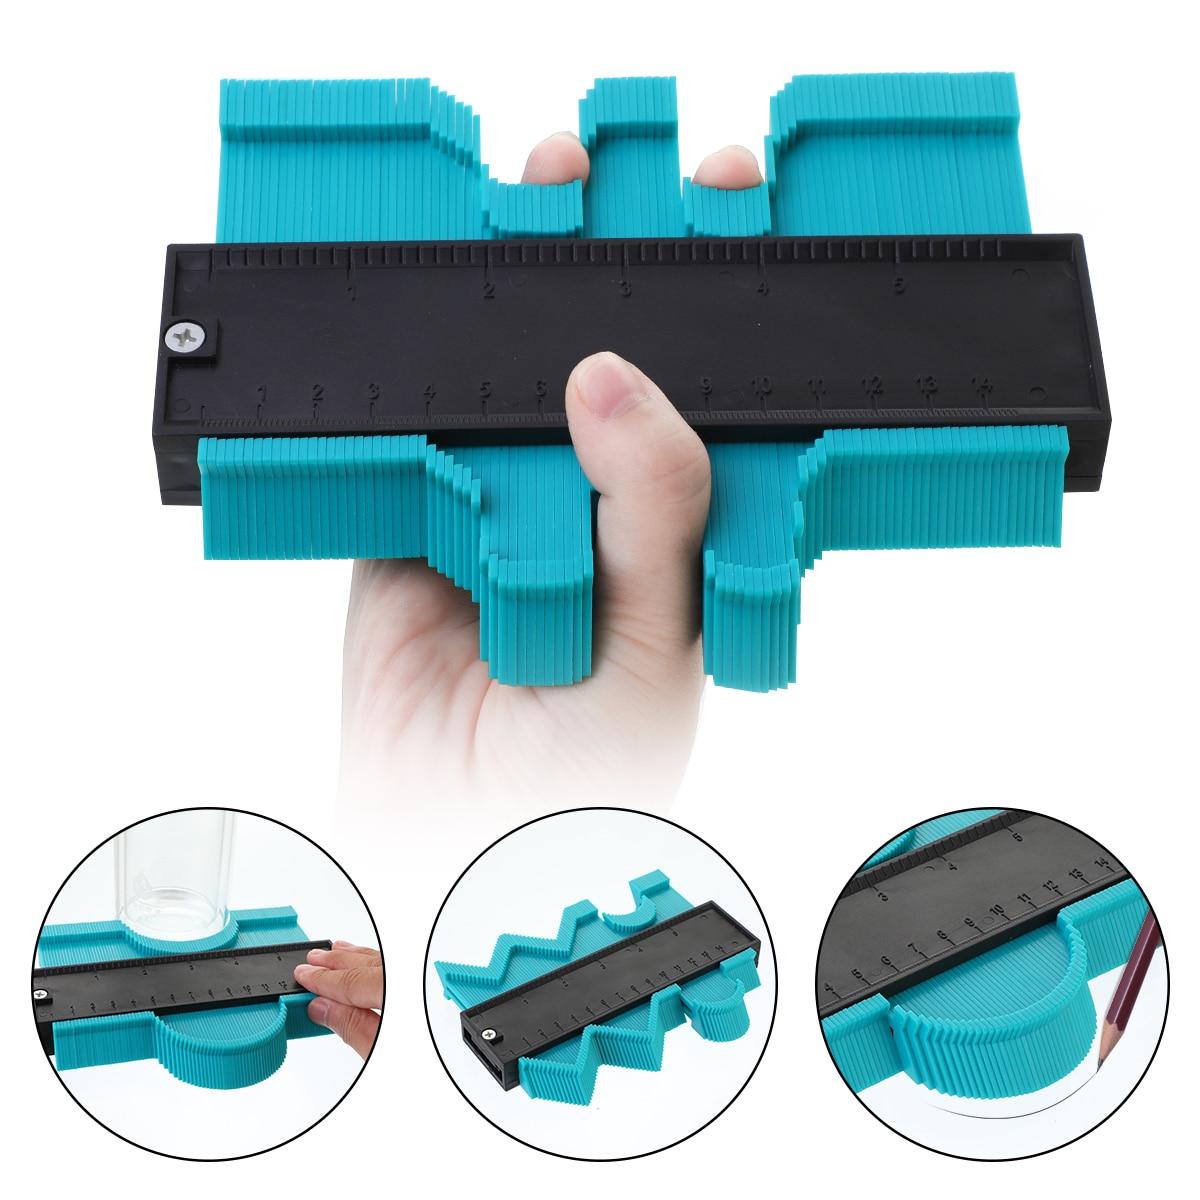 Regla de perfil formador Irregular de plástico, calibrador duplicador, plantilla de escala de contorno, Escala de curvatura, alicate laminado, herramienta de contorno